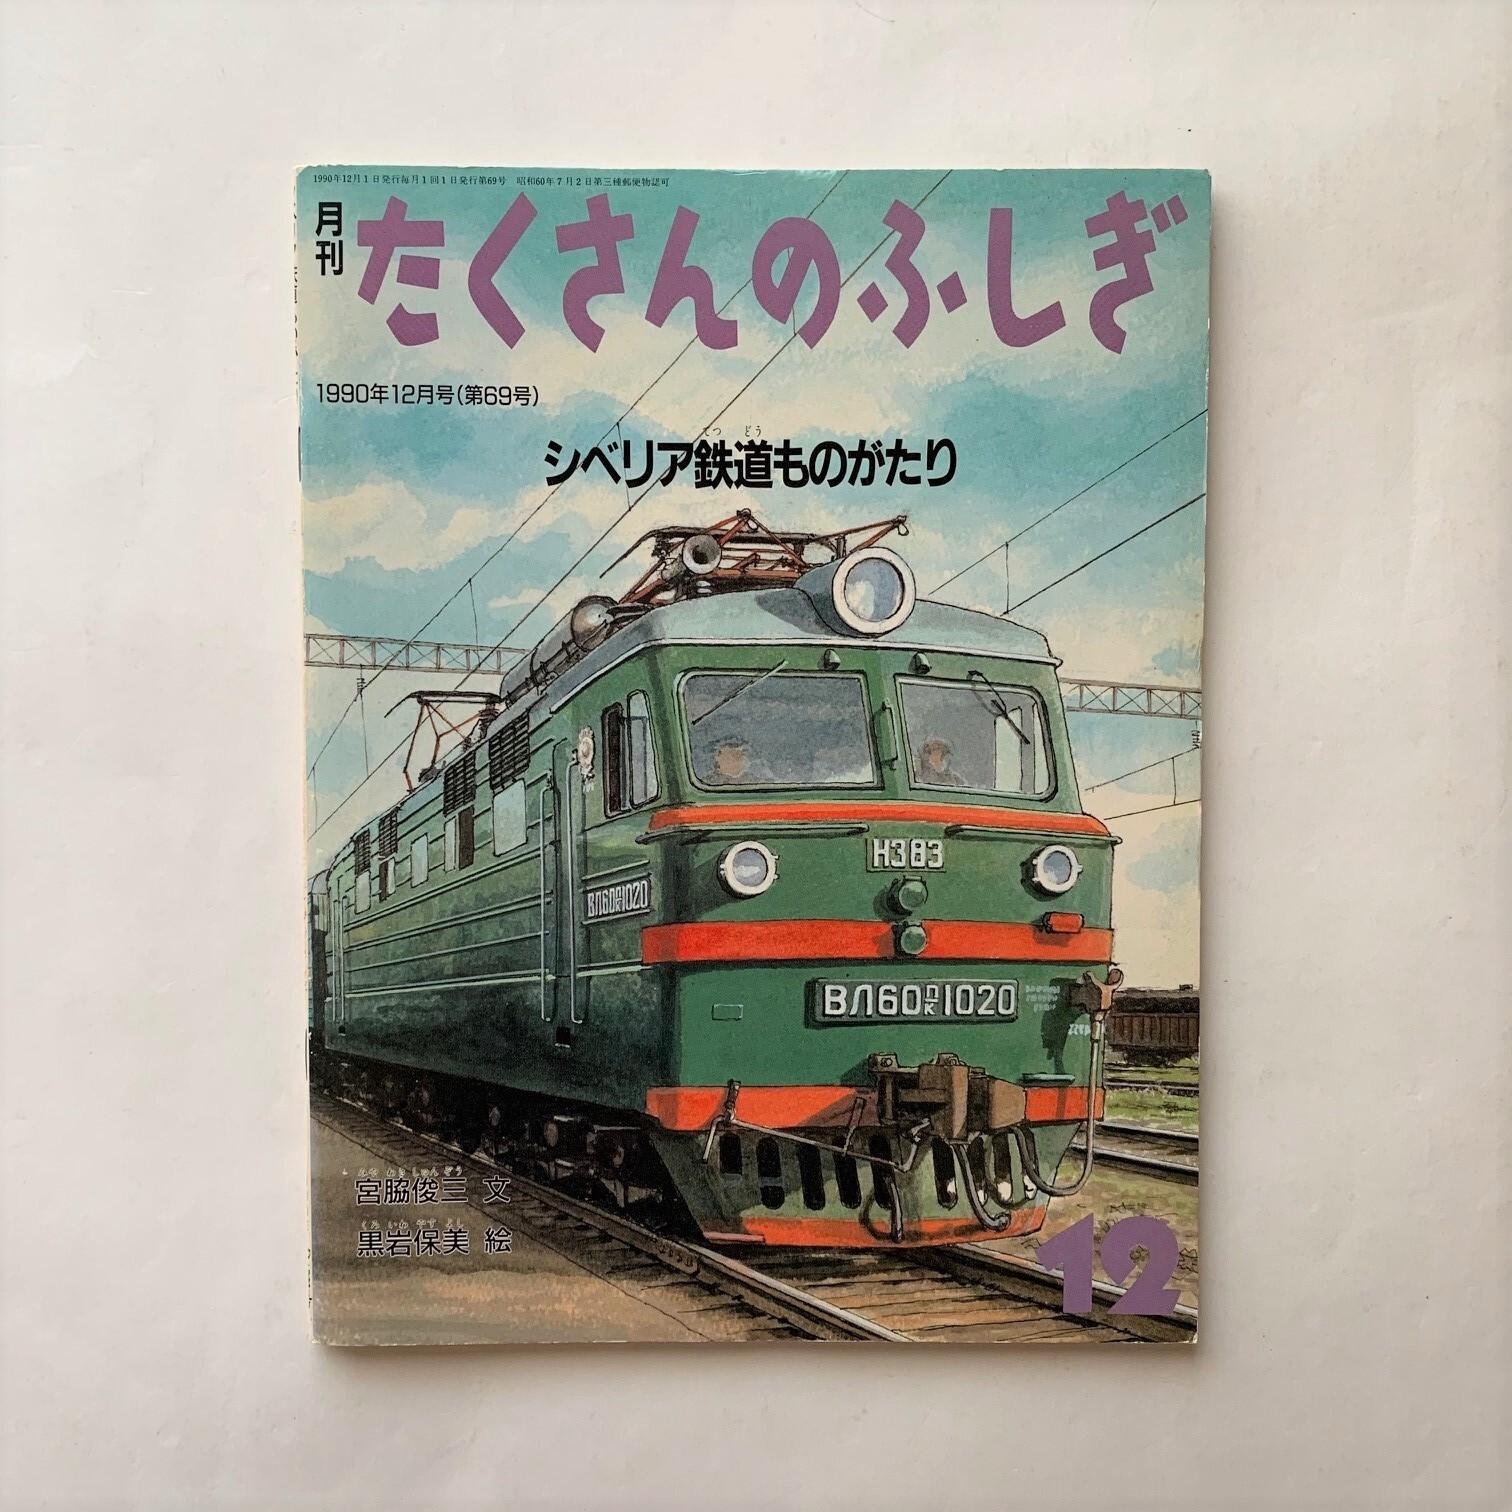 シベリア鉄道ものがたり / たくさんのふしぎ69号